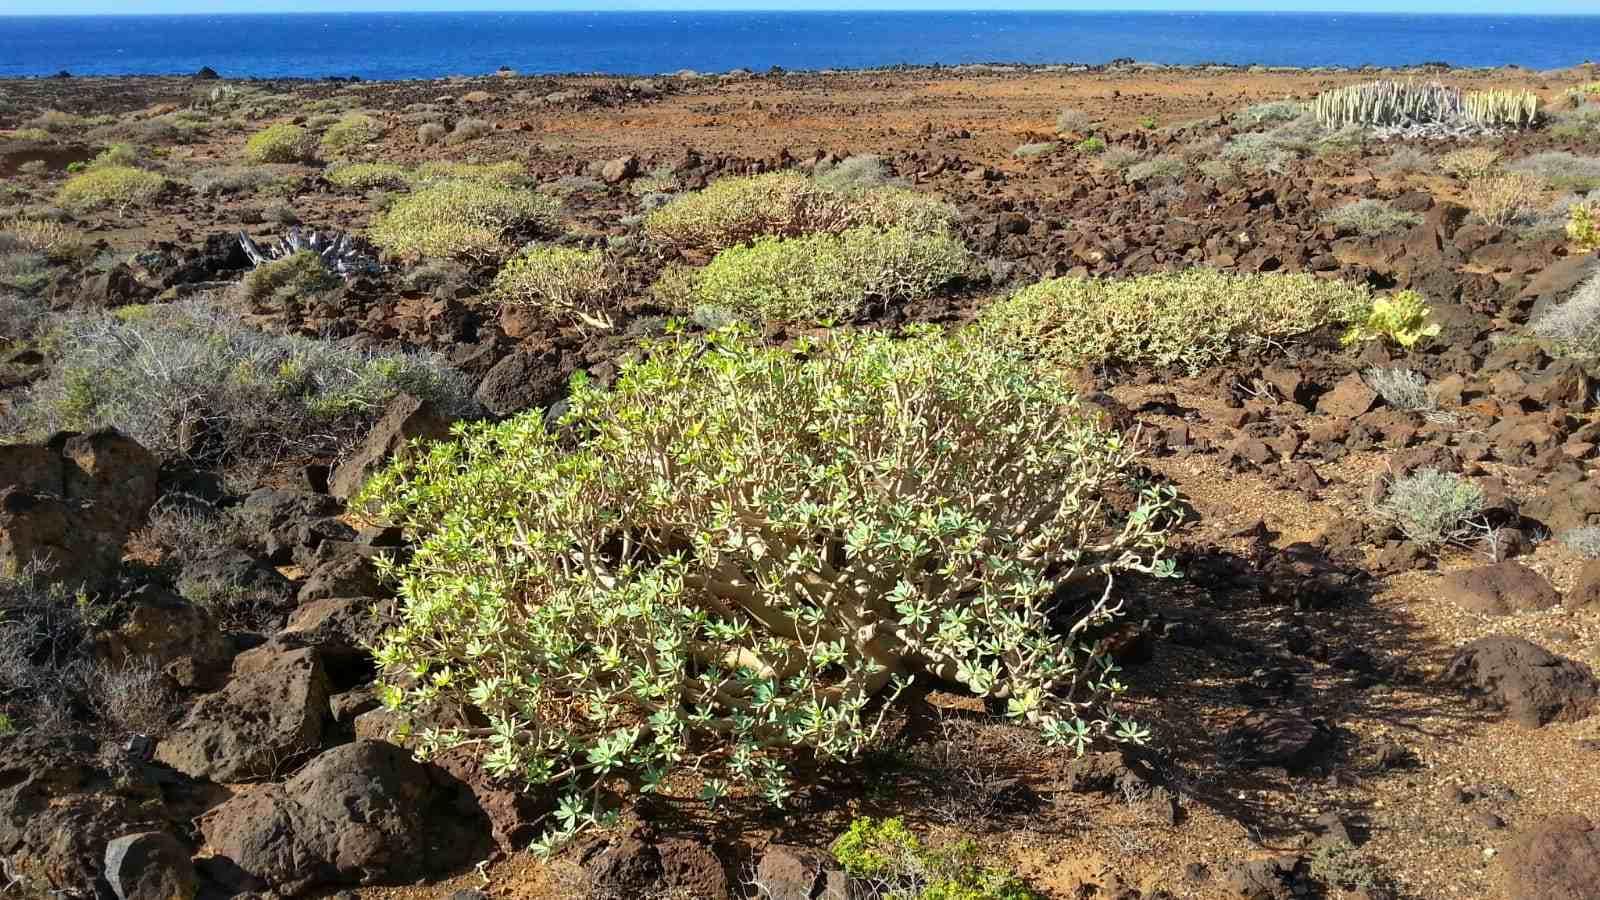 Plante typique que l'on peut voir tout au long du sentier côtier à travers Buenavista del Norte: La Tabaiba